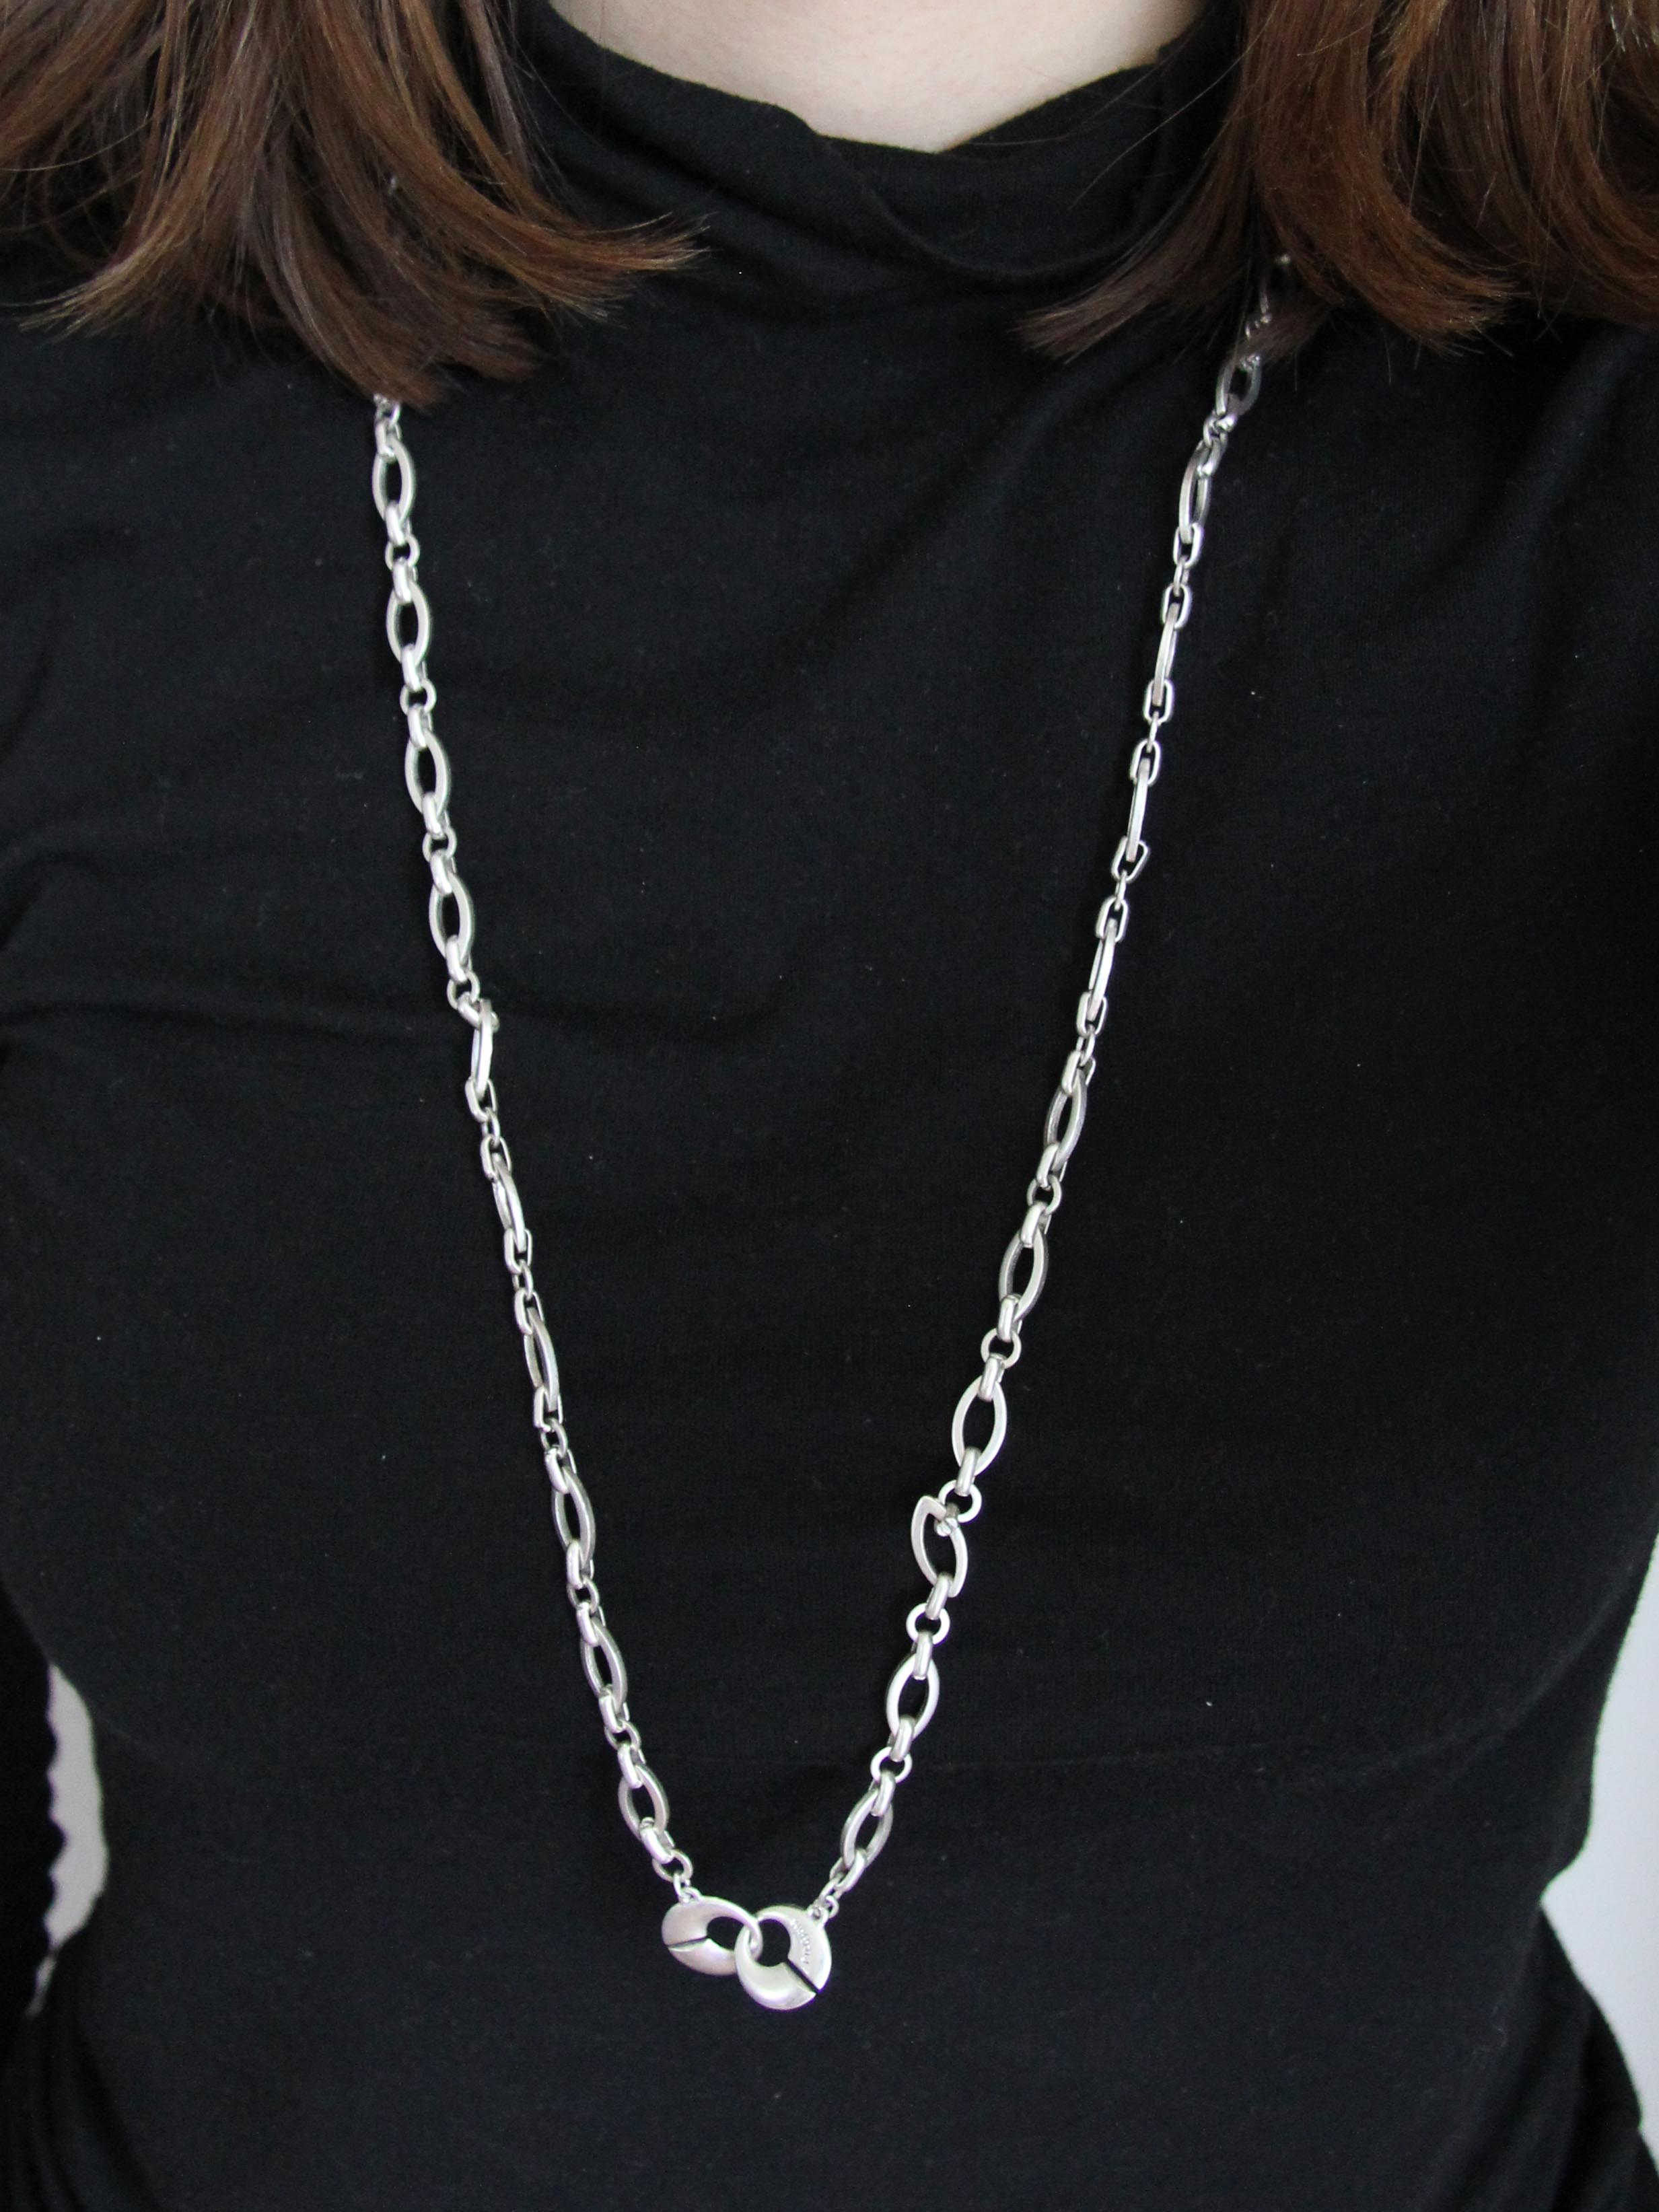 pilgrim lange kette mit steckverschluss silber charms. Black Bedroom Furniture Sets. Home Design Ideas